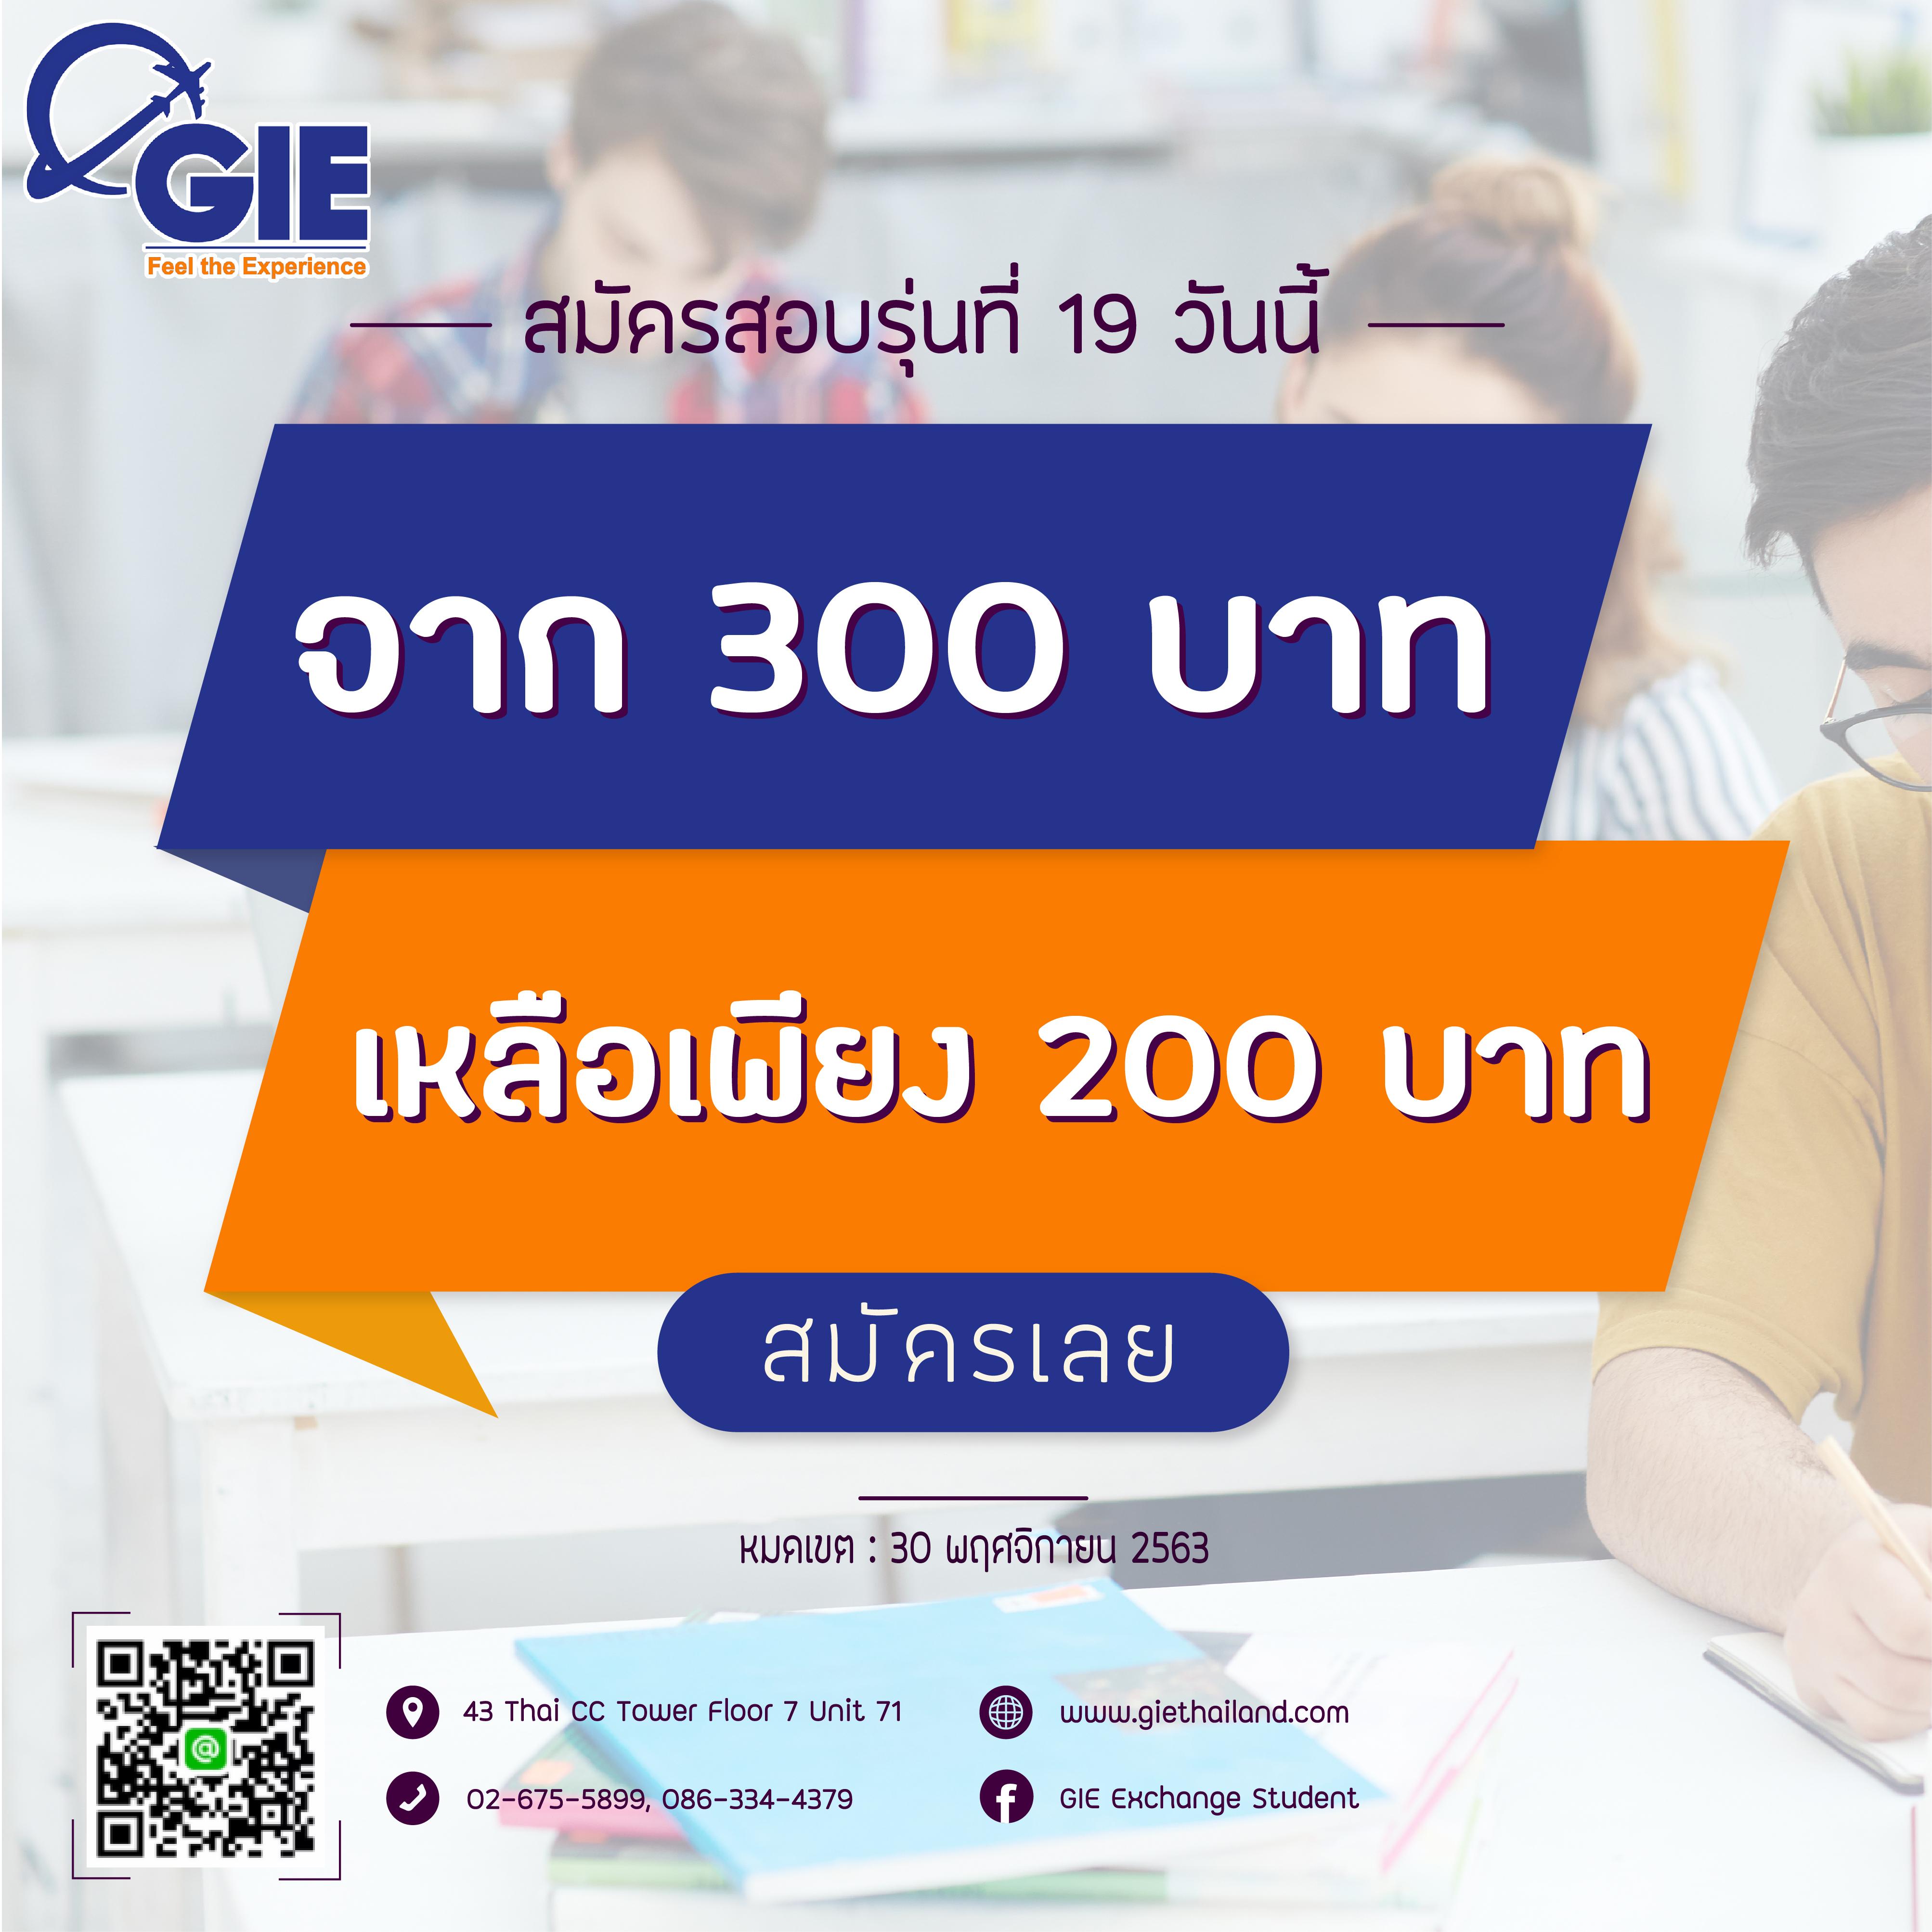 สมัครสอบรุ่นที่ 19 วันนี้่ จาก 300 เหลือเพียง 200 บาท